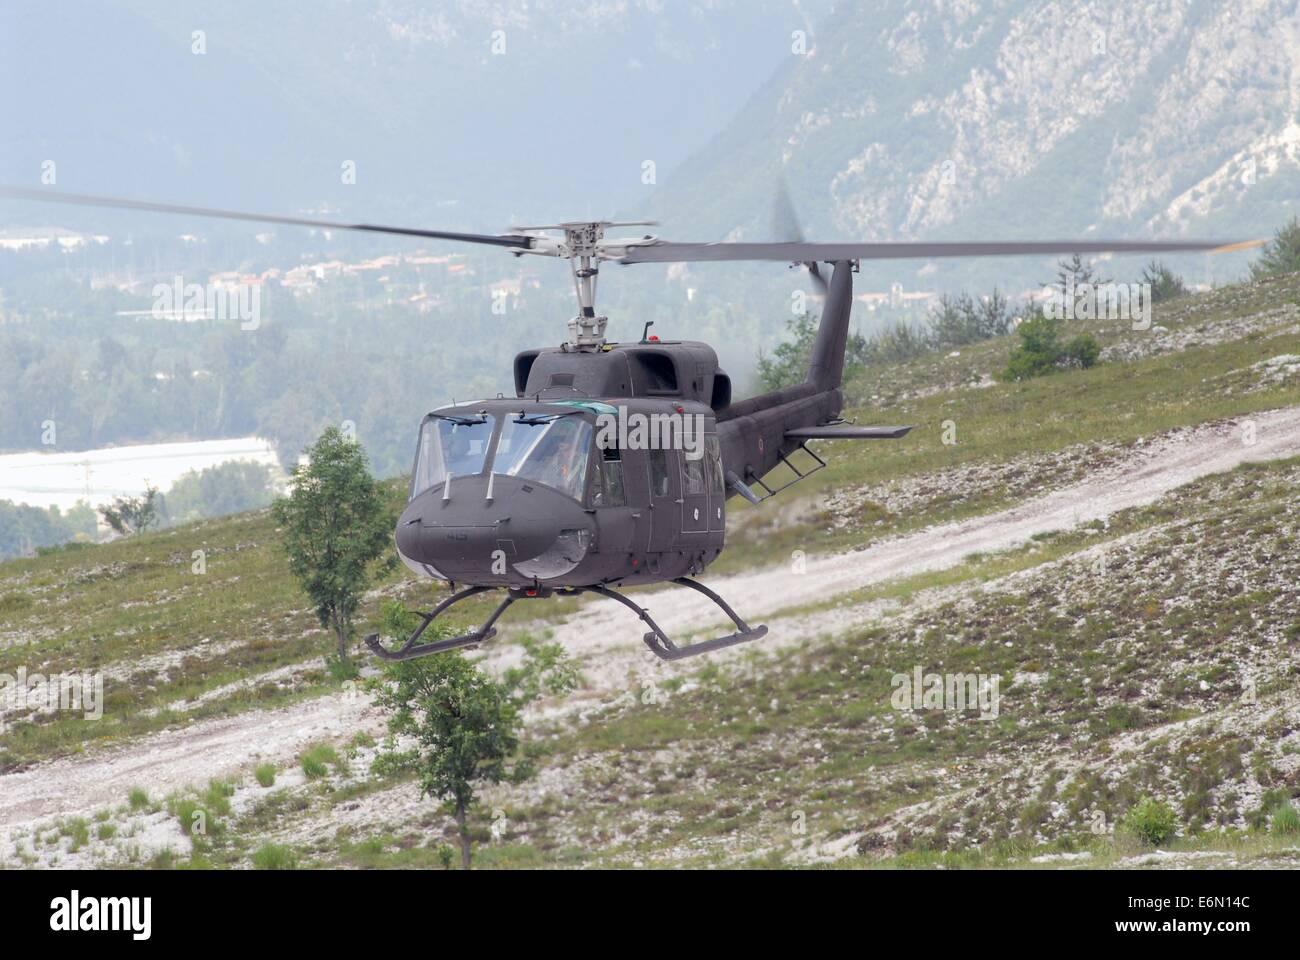 Elicottero 212 : L esercito italiano agusta bell ab elicottero foto immagine